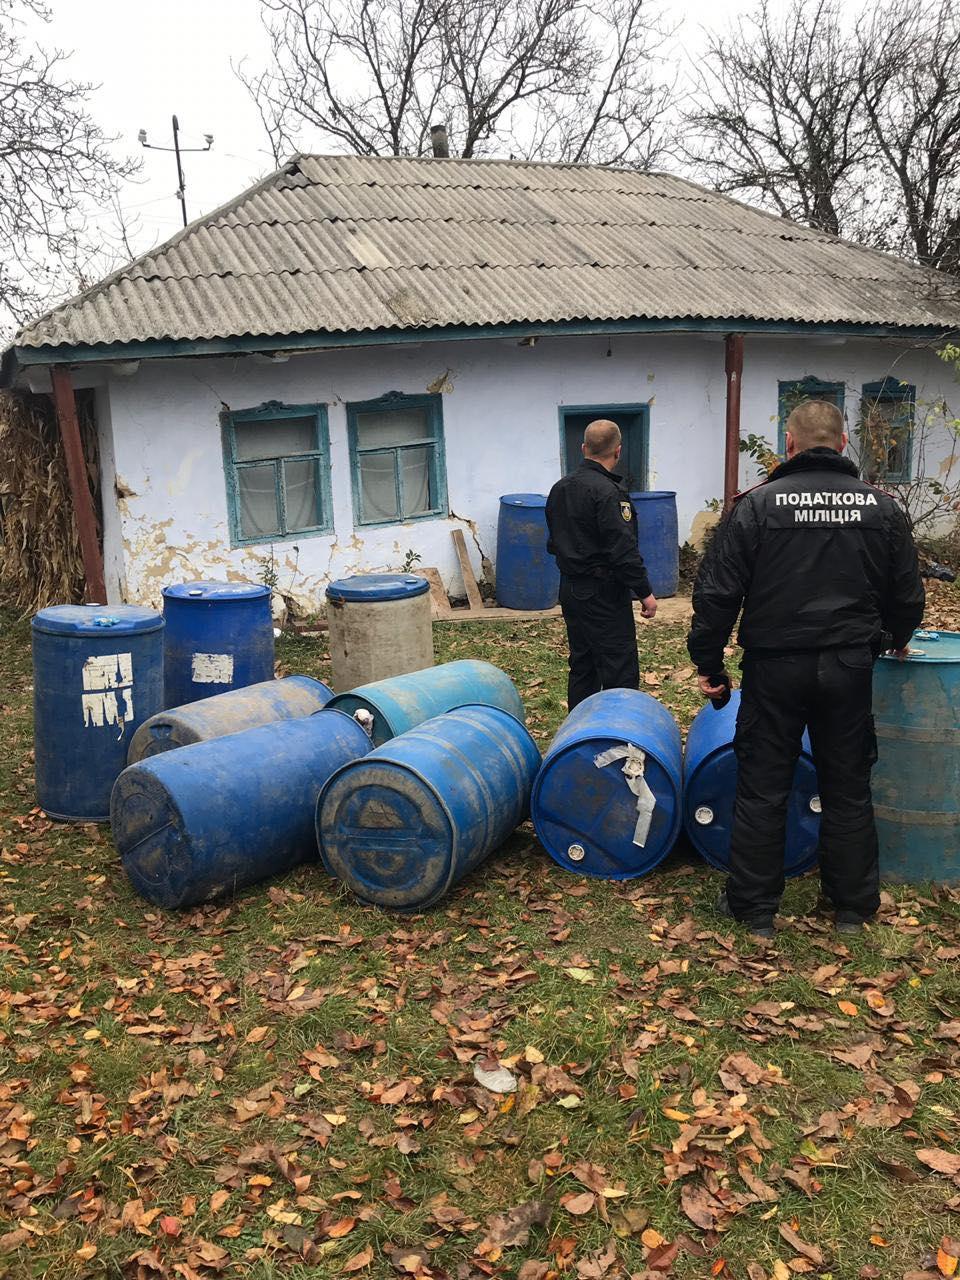 Правоохоронці Буковини перекрили канал постачання контрафактного спирту